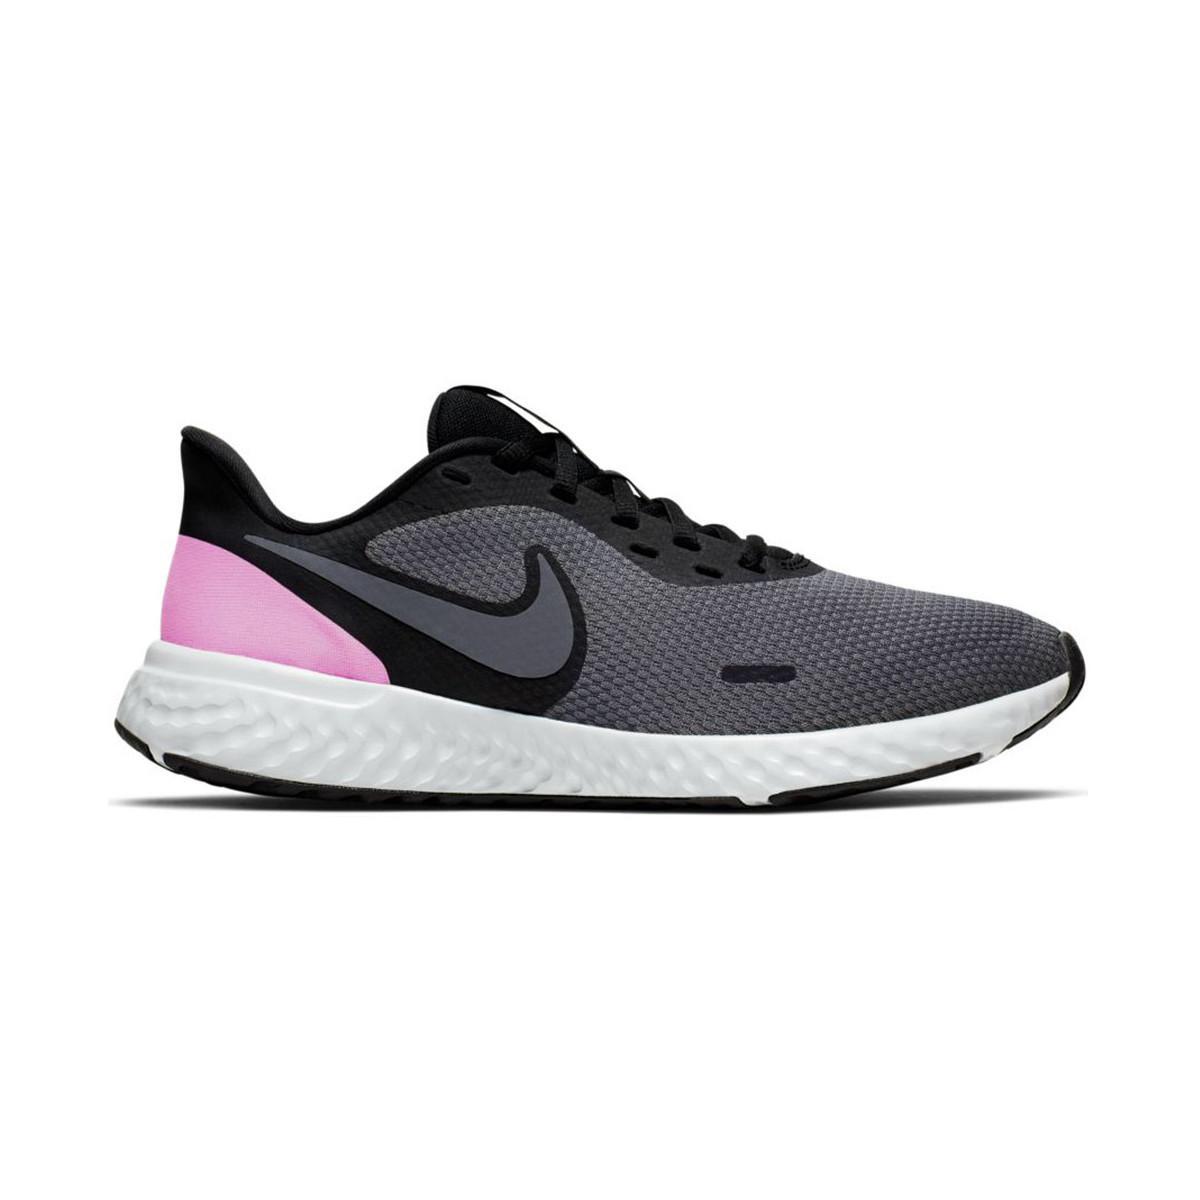 Wmns Revolution 5 Chaussures Nike en coloris Gris - Lyst